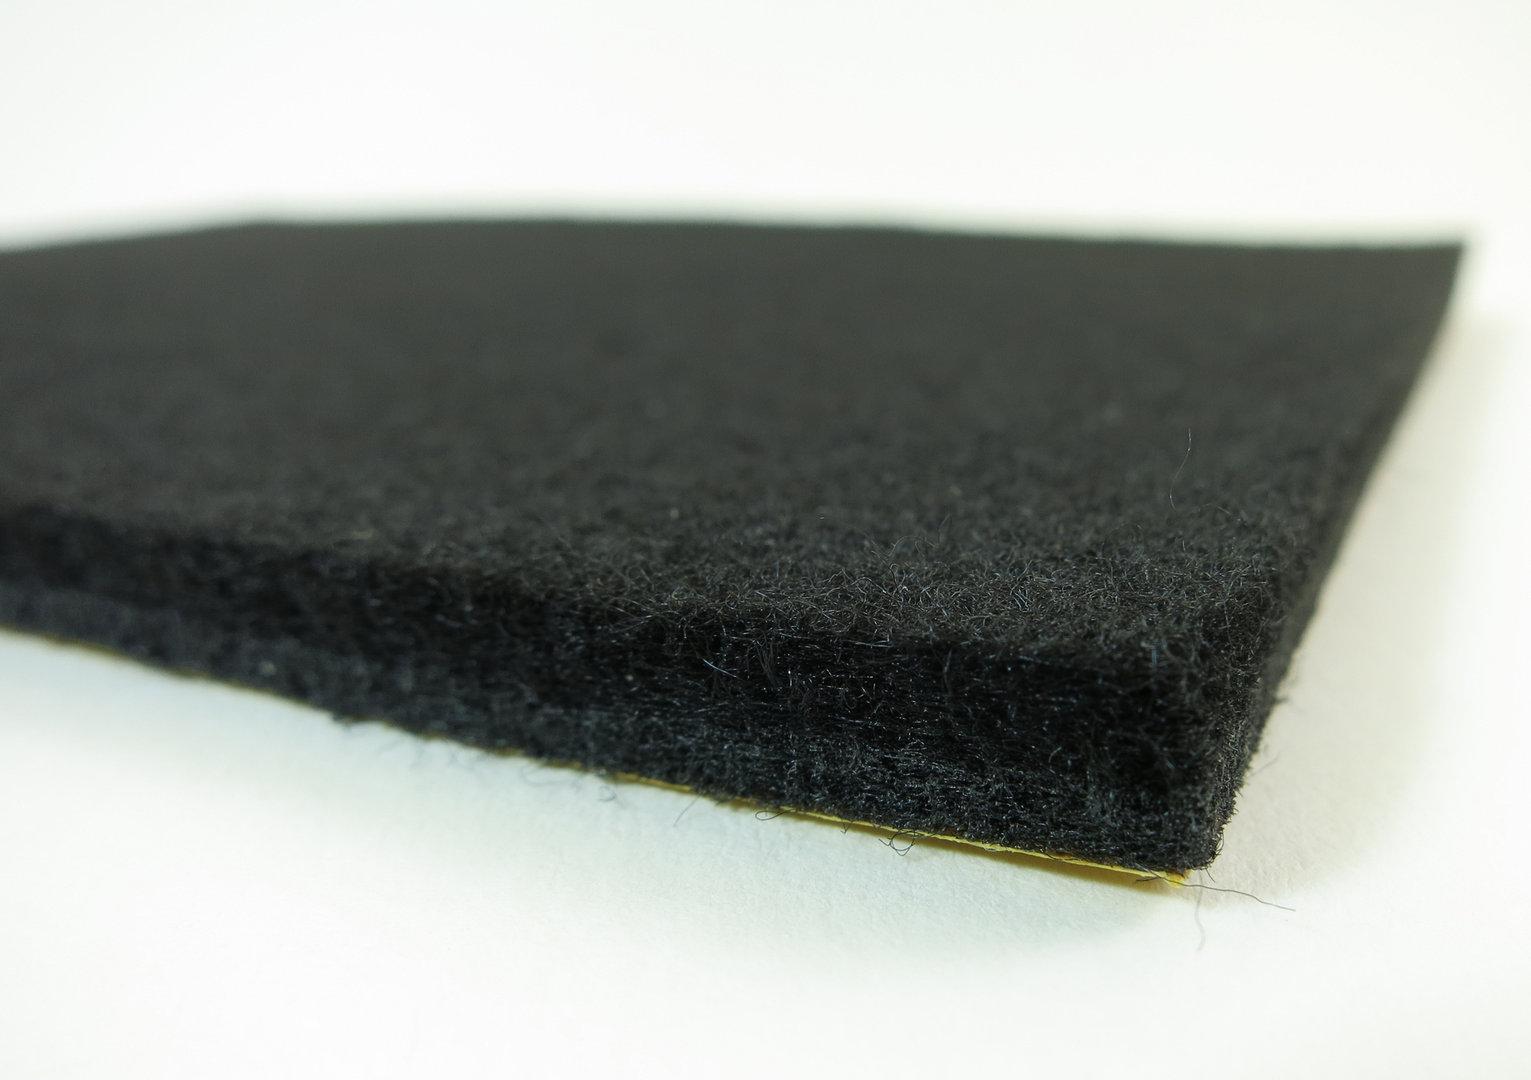 Filzgleiter Meterware 6mm dick | schwarz | Breite 100cm, selbstklebend